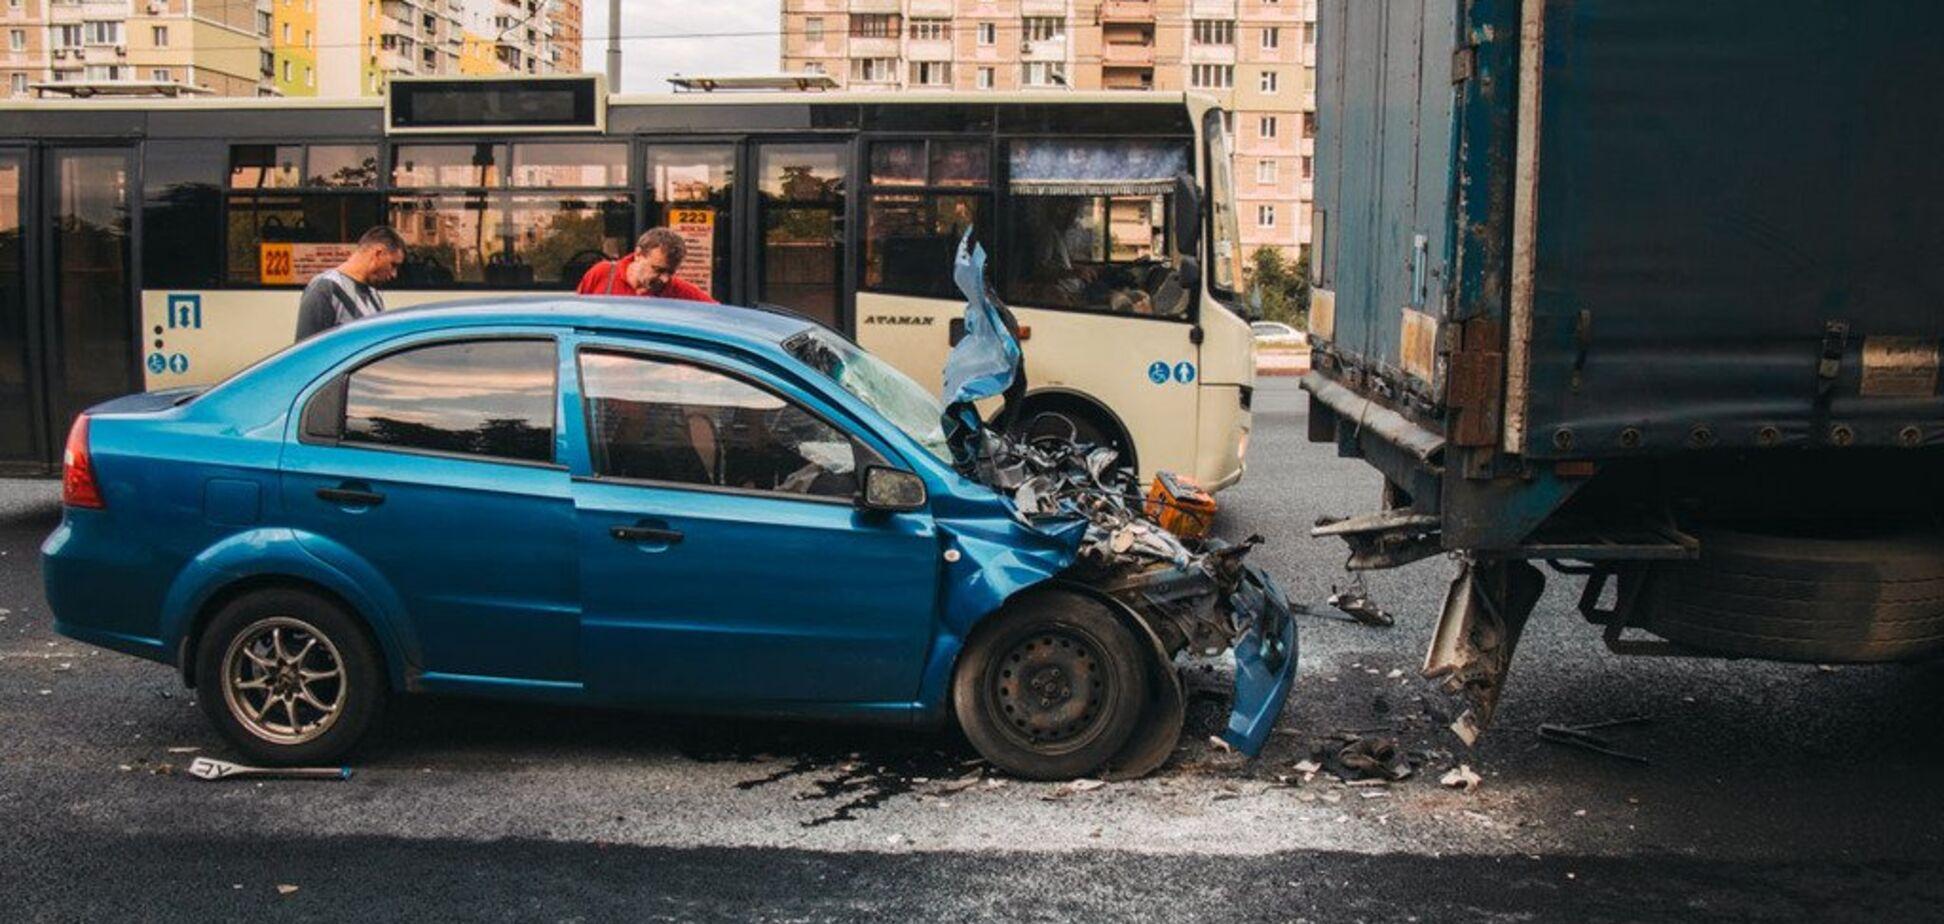 'Врізався у фуру на повному ходу': у Києві трапилася ДТП із постраждалими